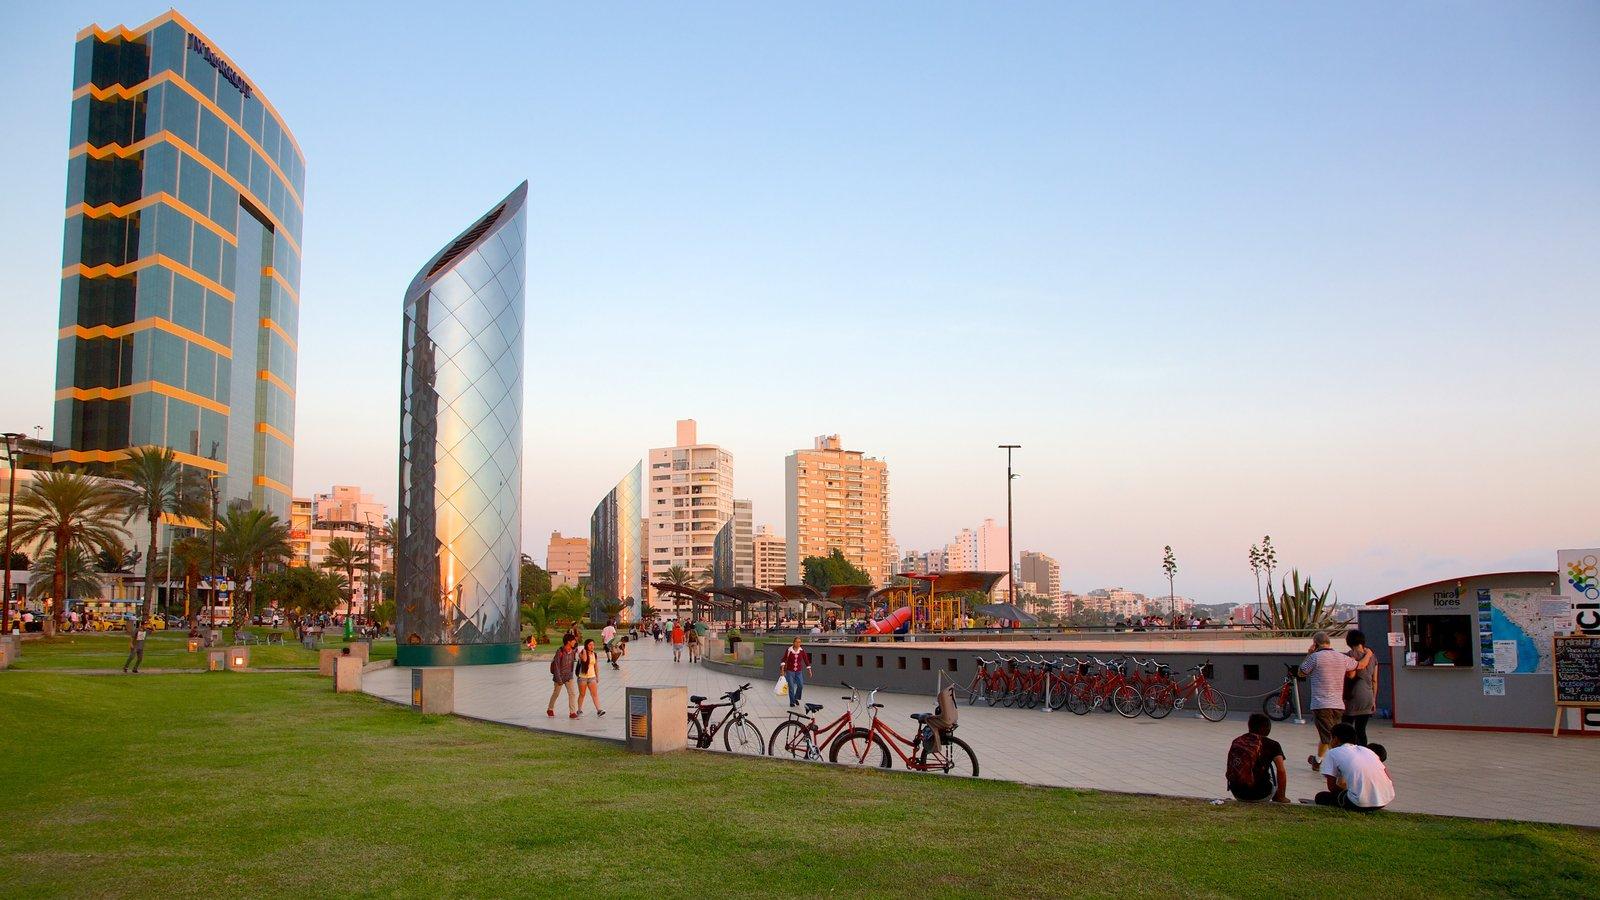 Lima caracterizando um arranha-céu e cenas de rua